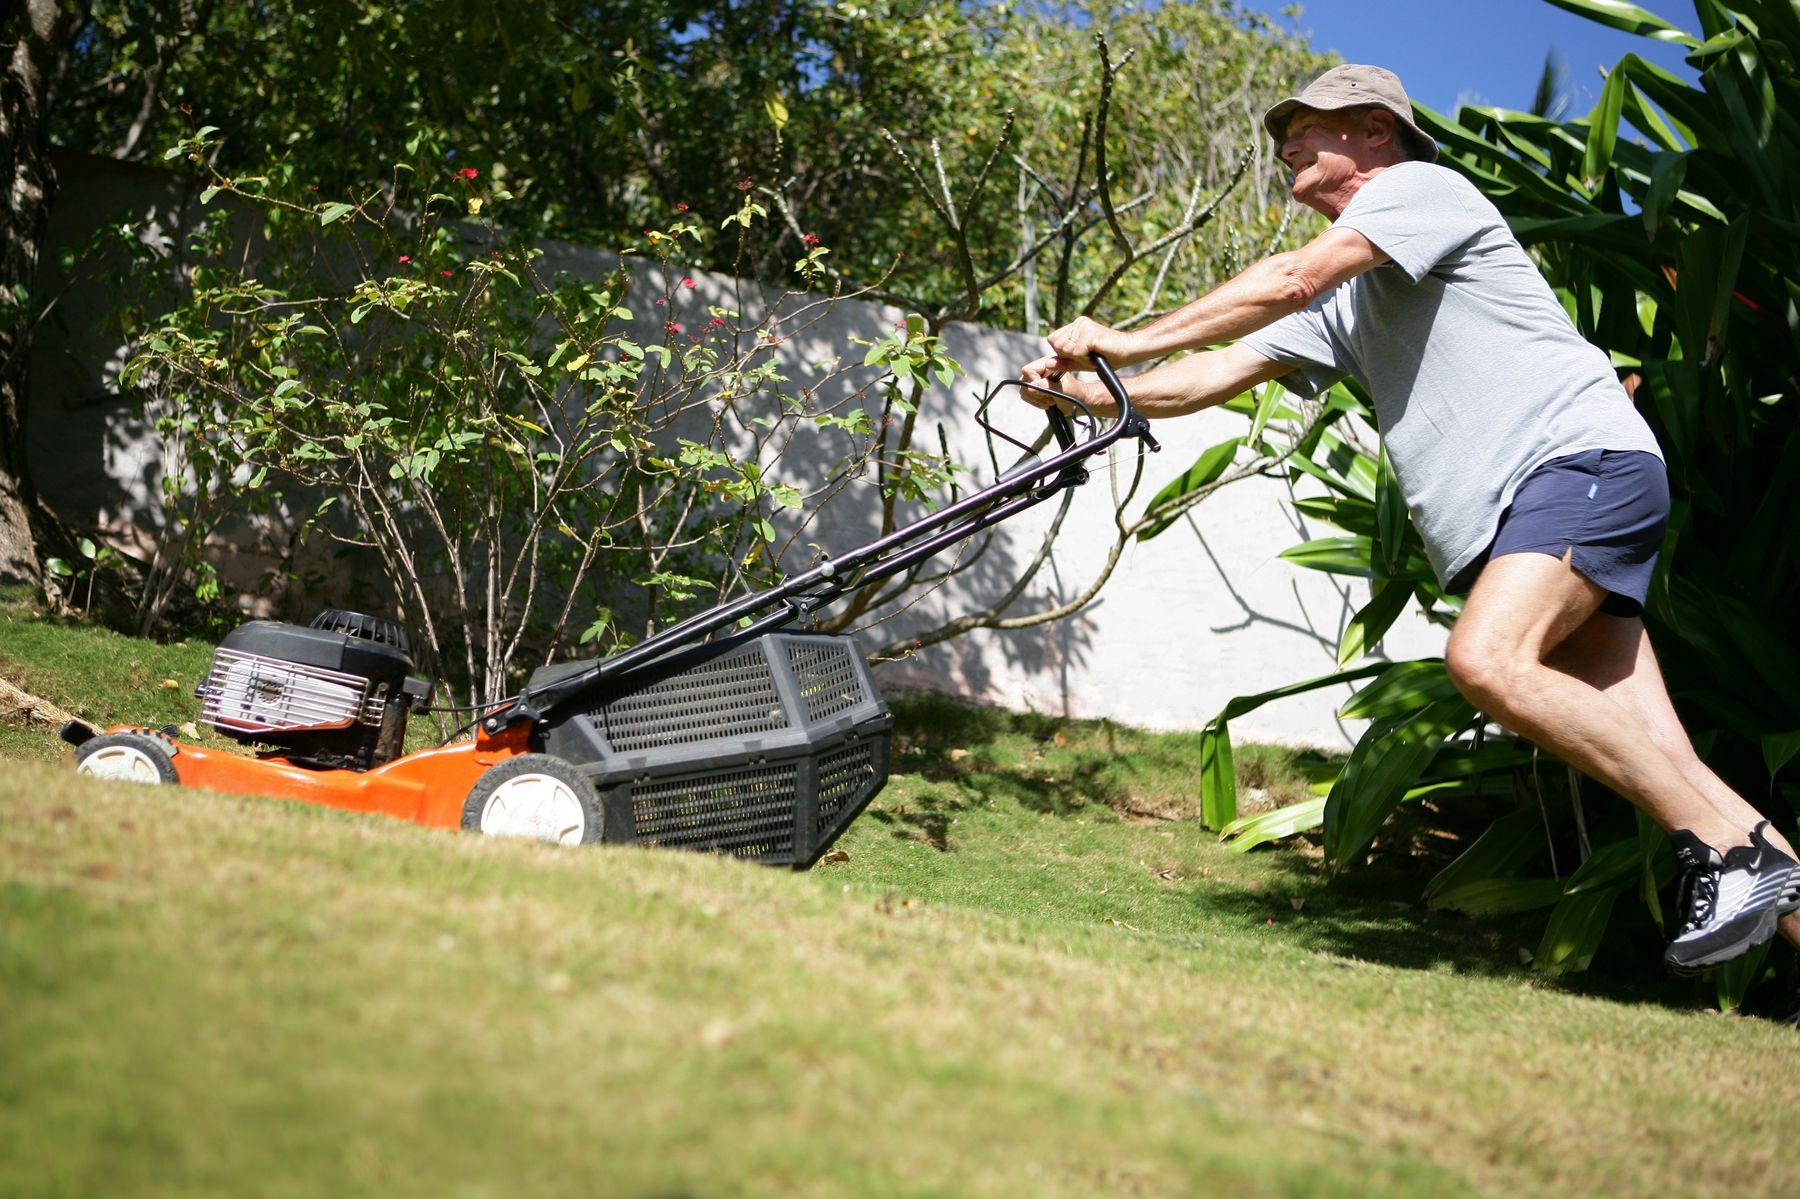 les travaux de bricolage ou de jardinage raliss laide doutils ou dappareils susceptibles de causer une gne en raison de leur intensit sonore ne - Nuisances Sonores Piscine Voisinage